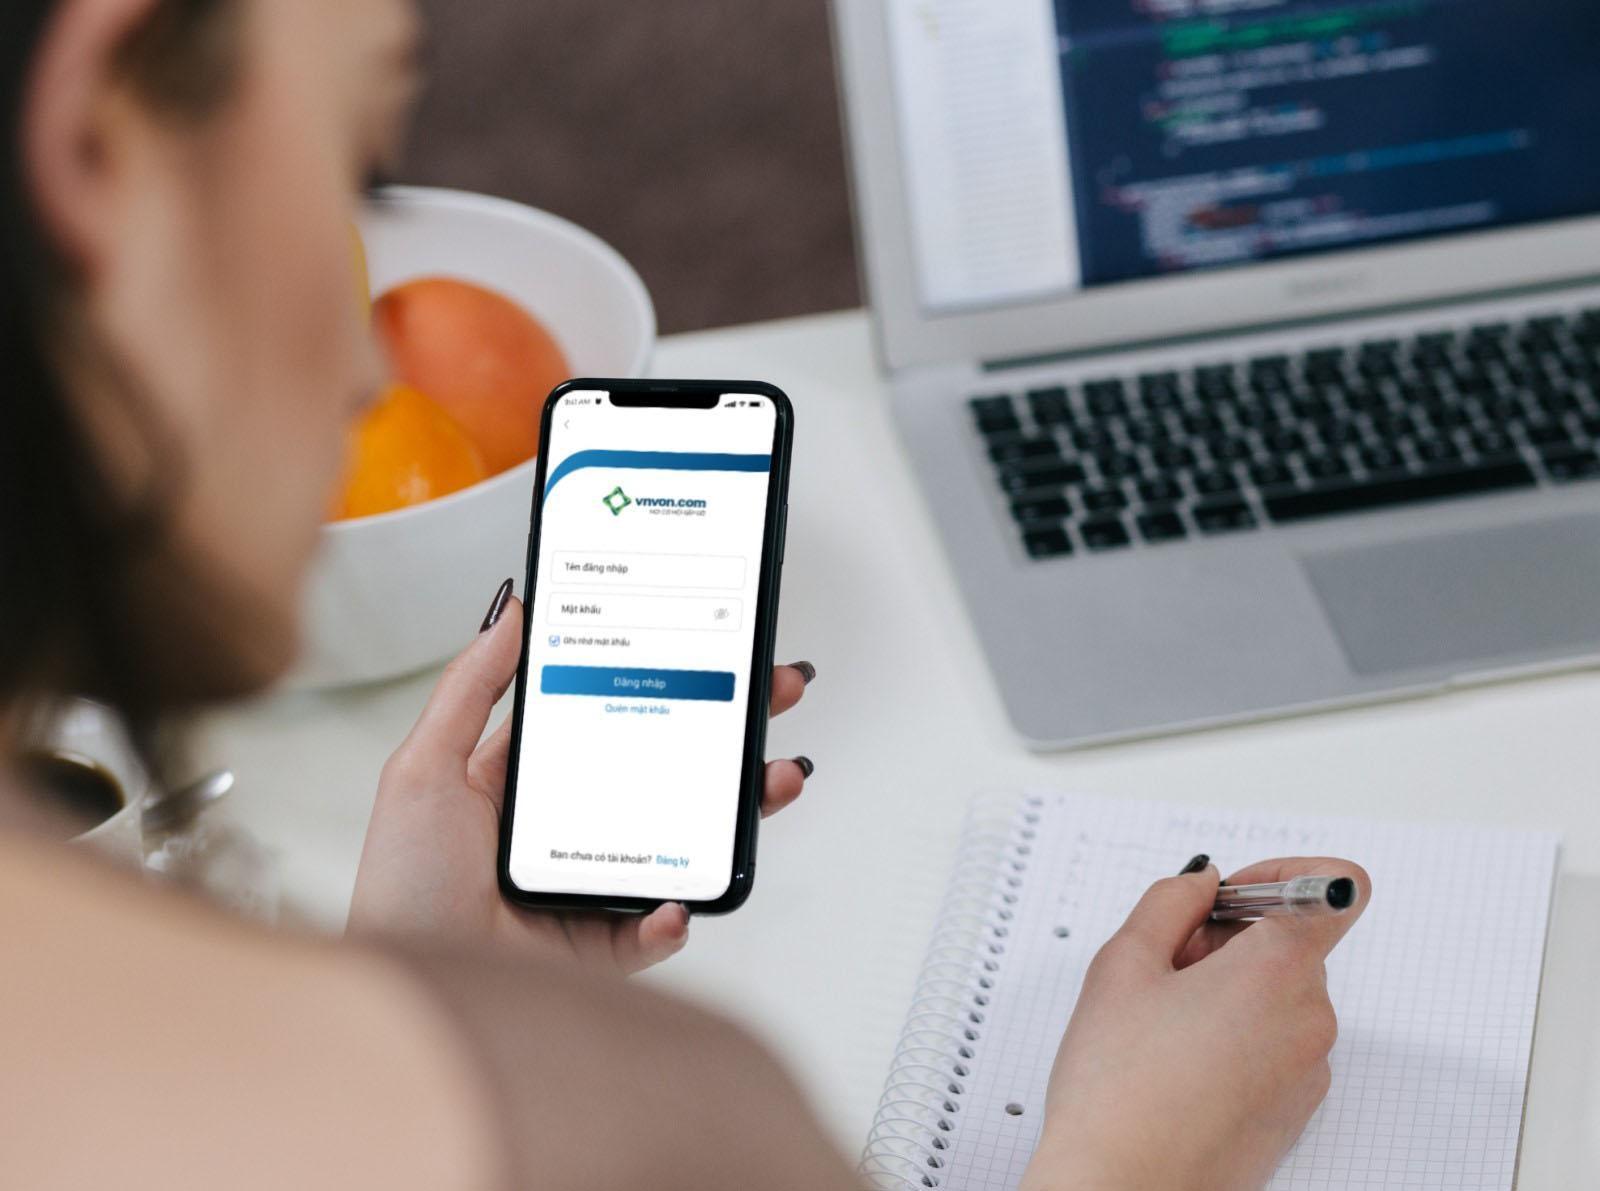 VNVON ra mắt ứng dụng đầu tư ngang hàng trên điện thoại